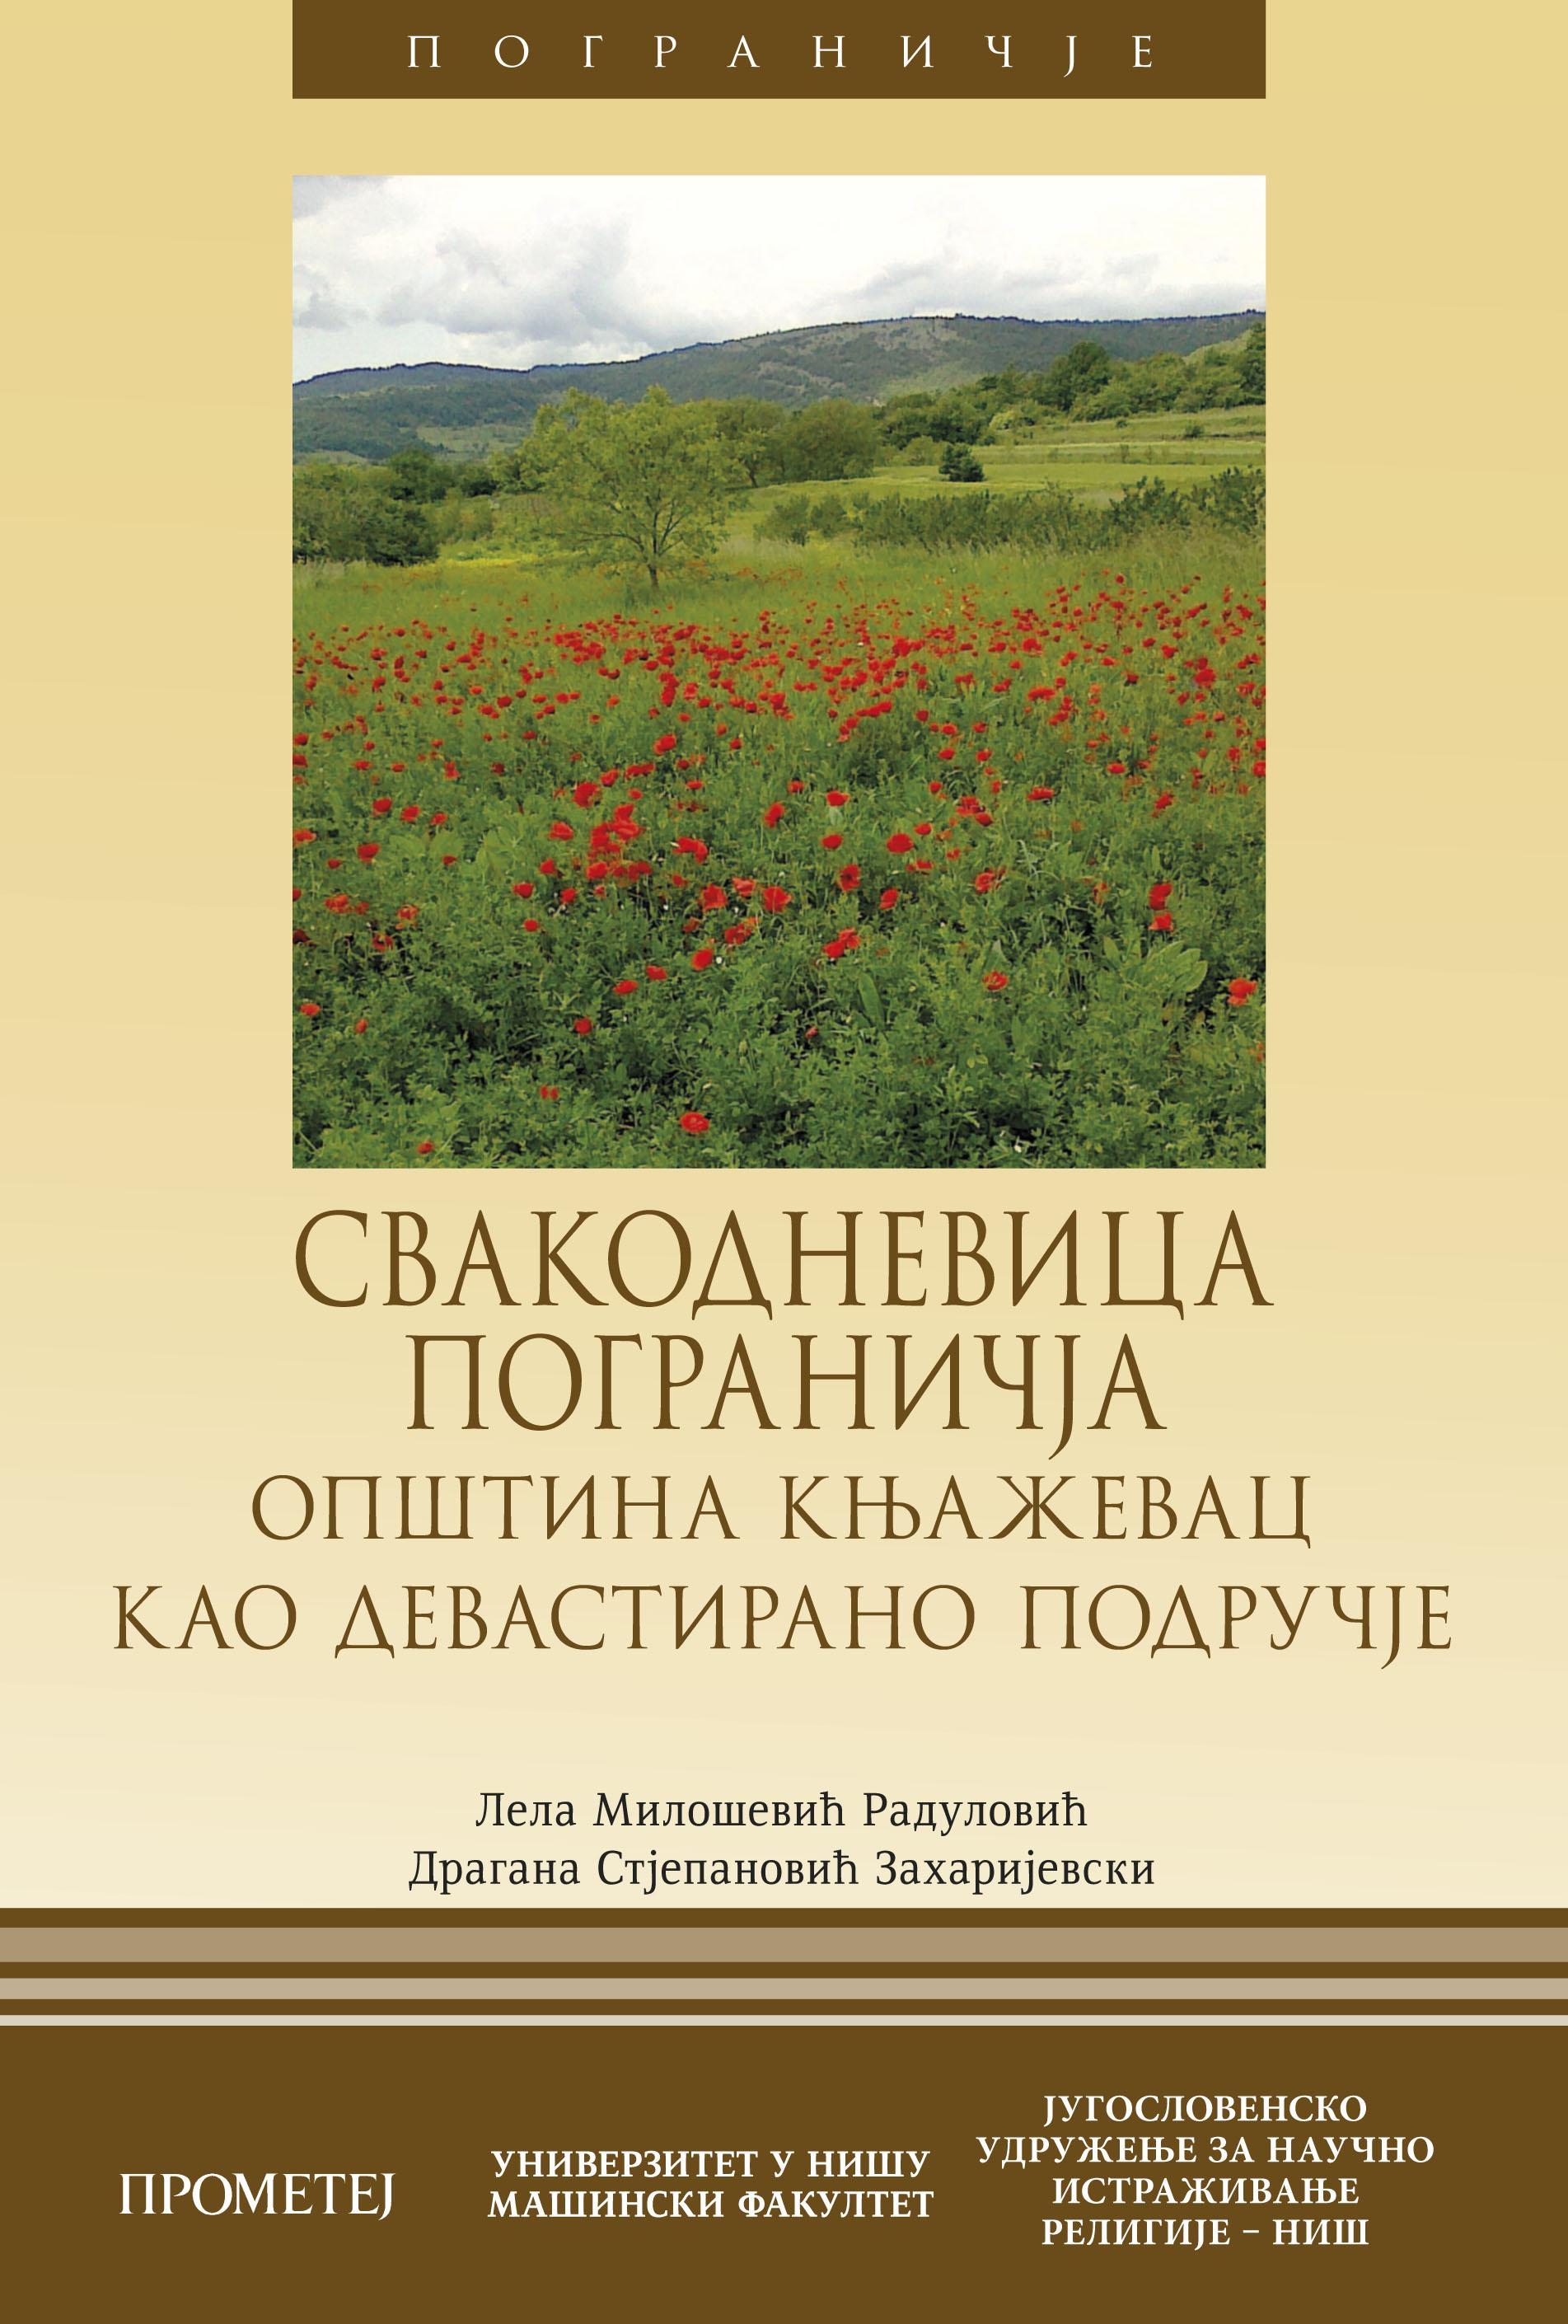 Svakodnevica pograničja (Opština Knjaževac kao devastirano područje) (knj. 20)